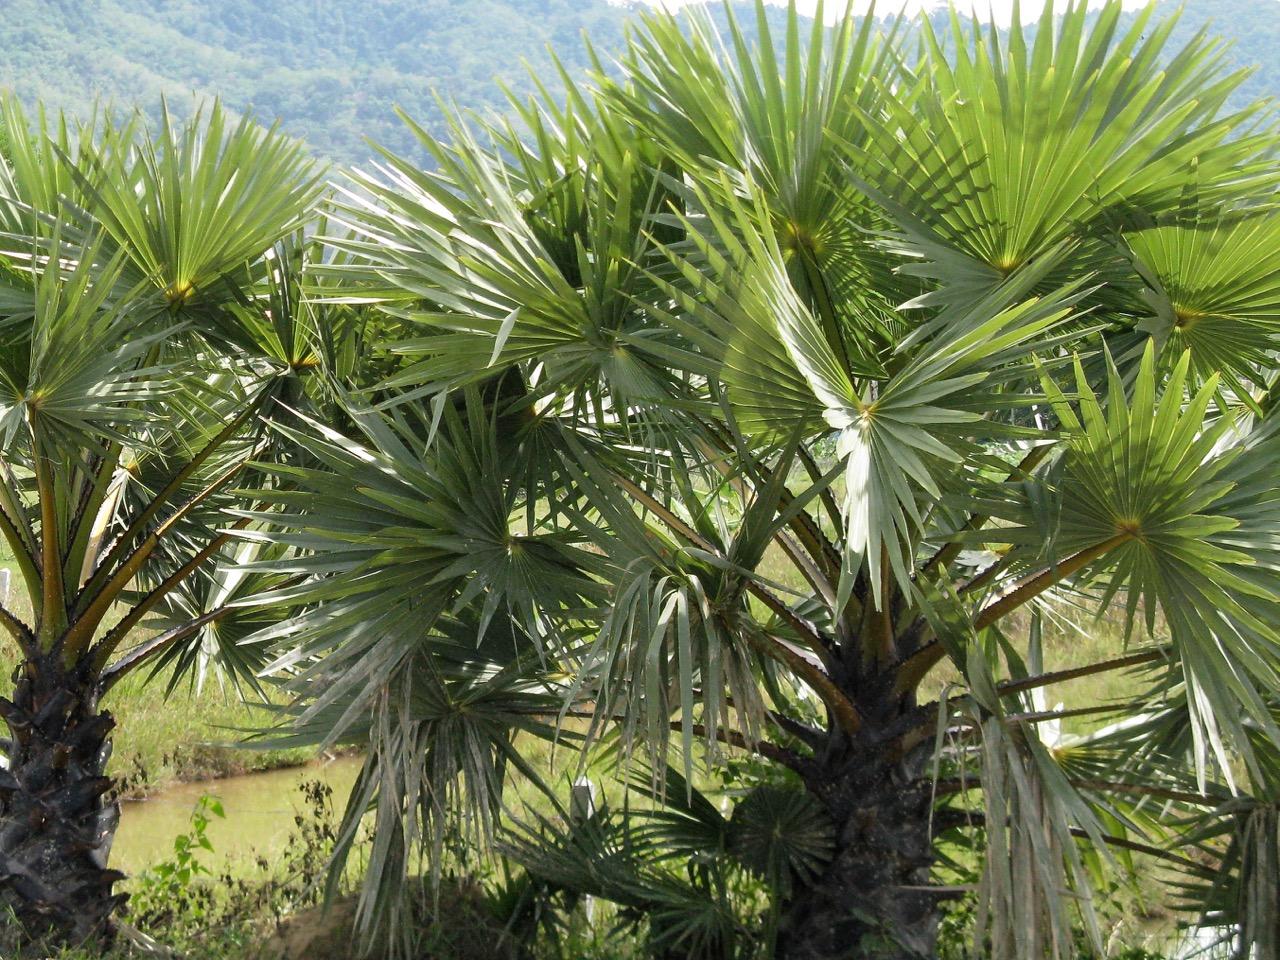 Juvenile Borassus flabellifer